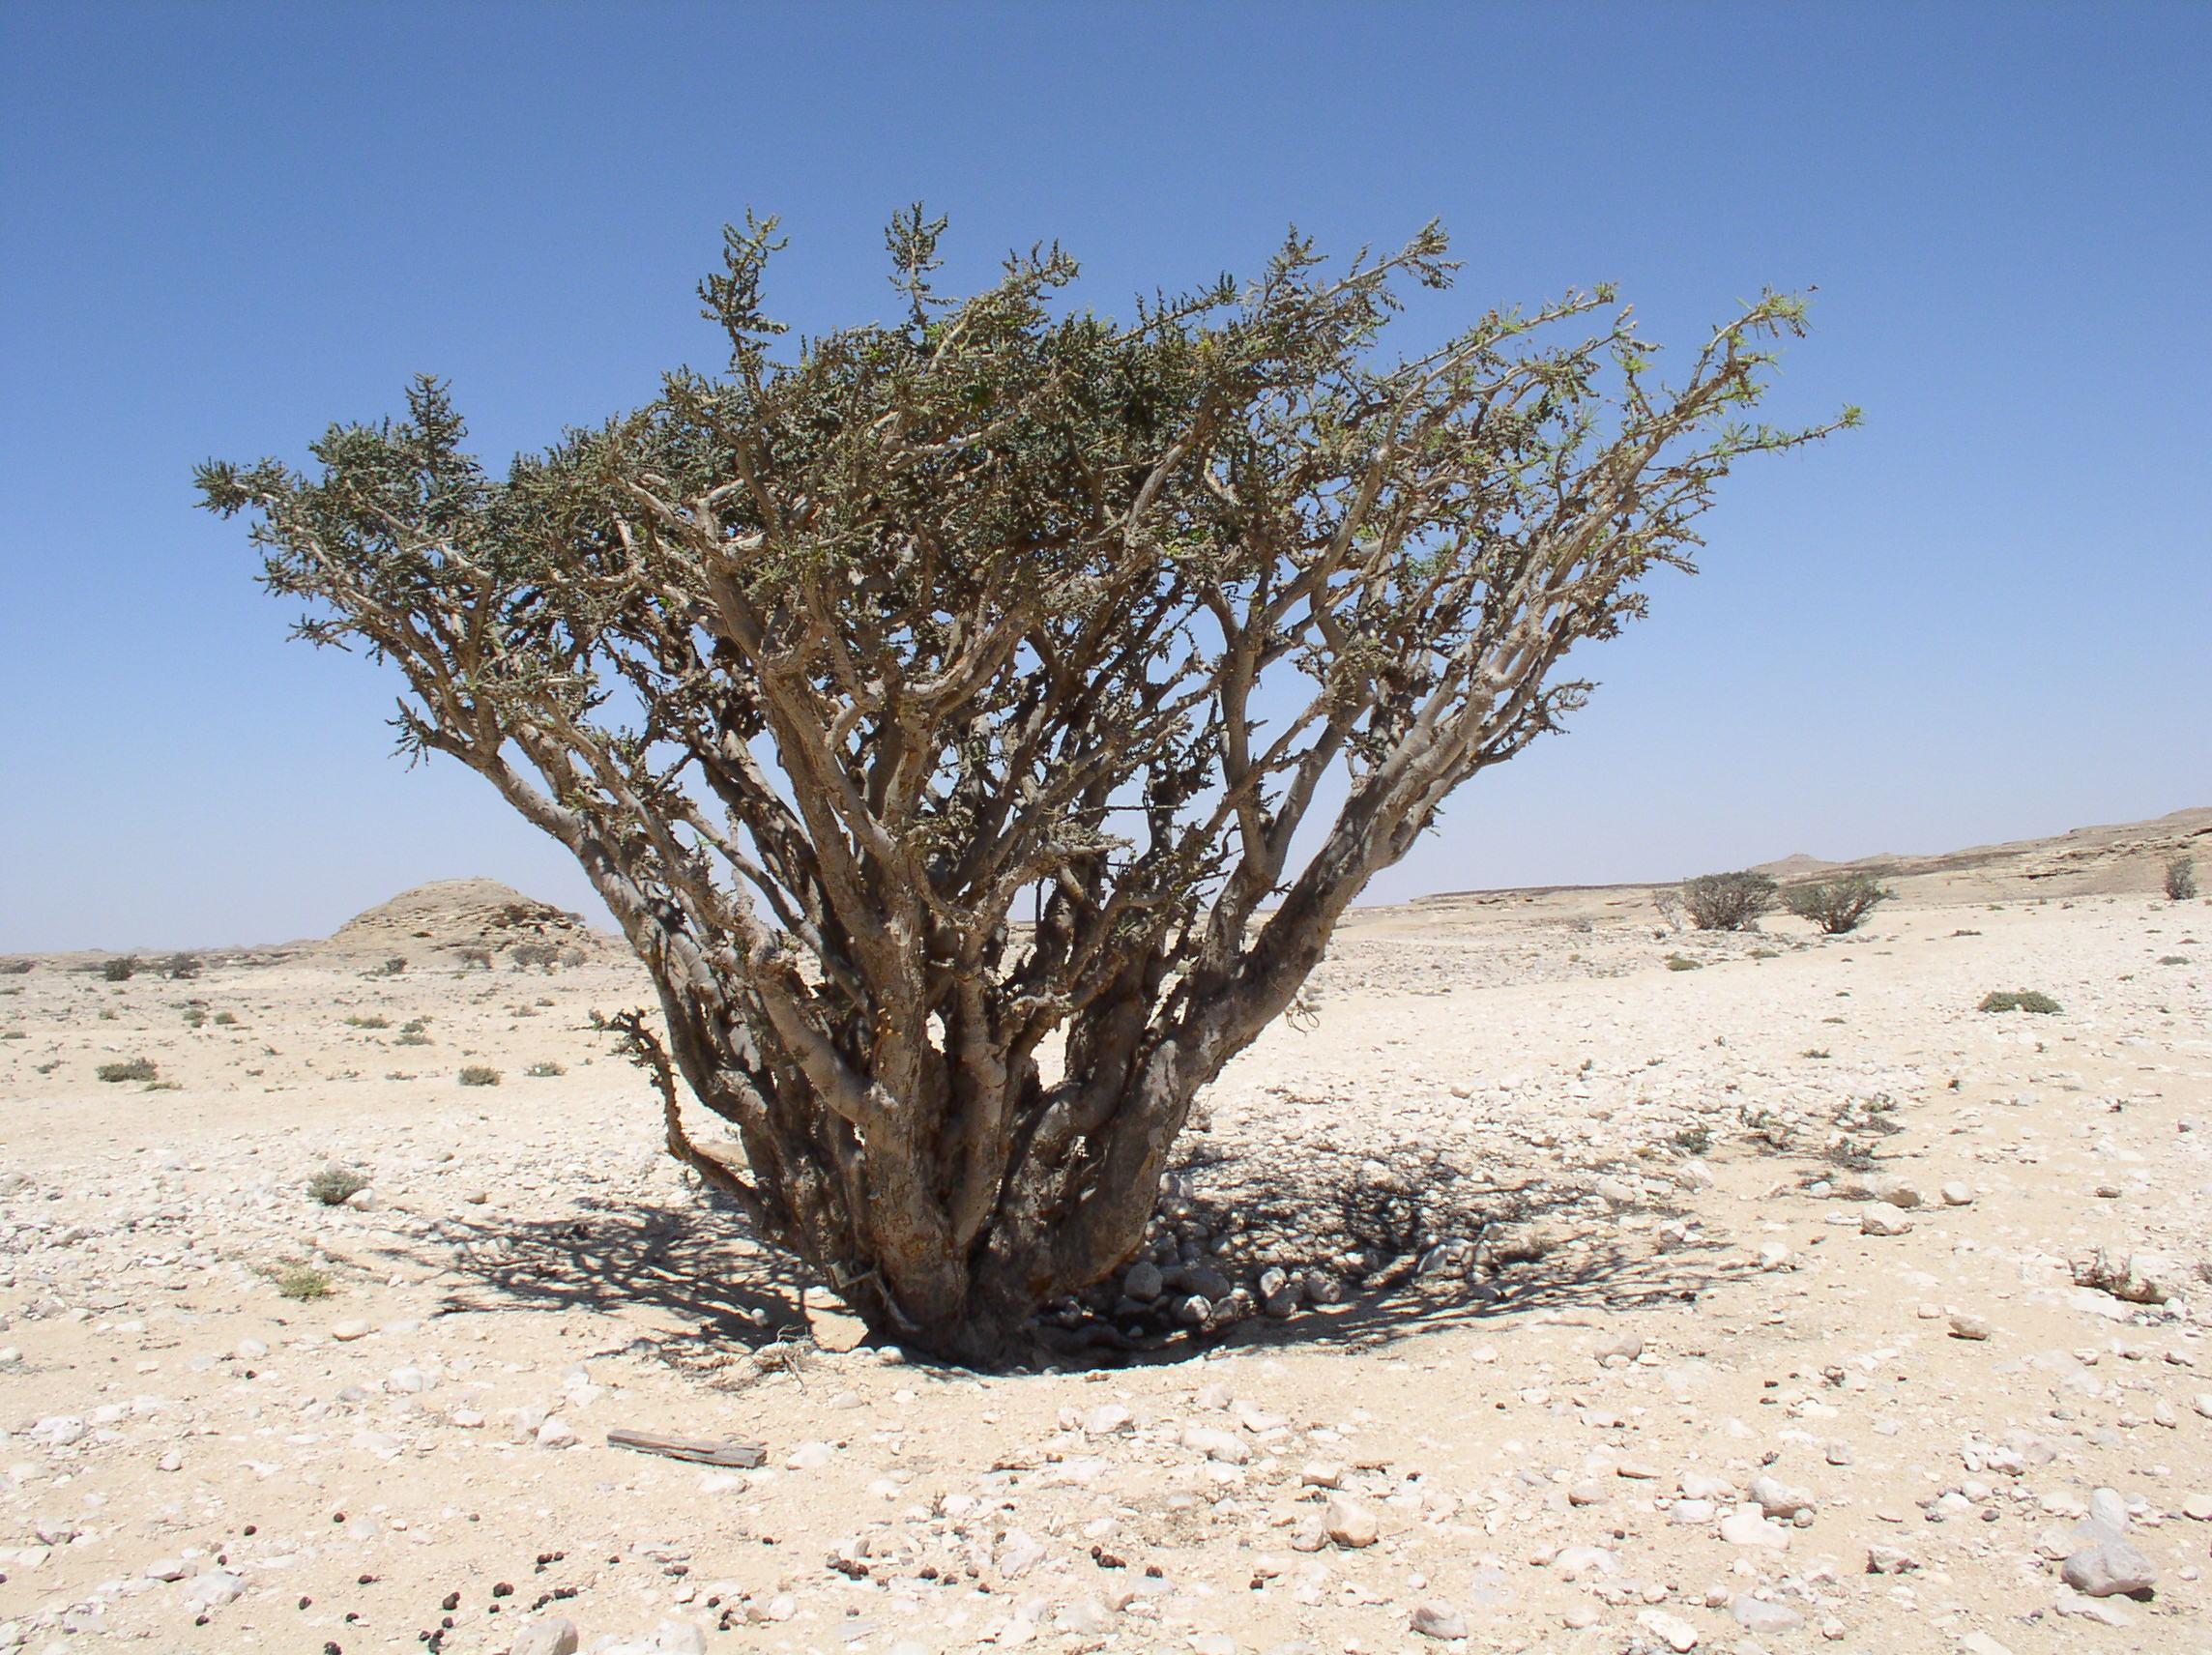 A Boswellia tree growing in the Wadi Dowkah, Dhofar, Oman.